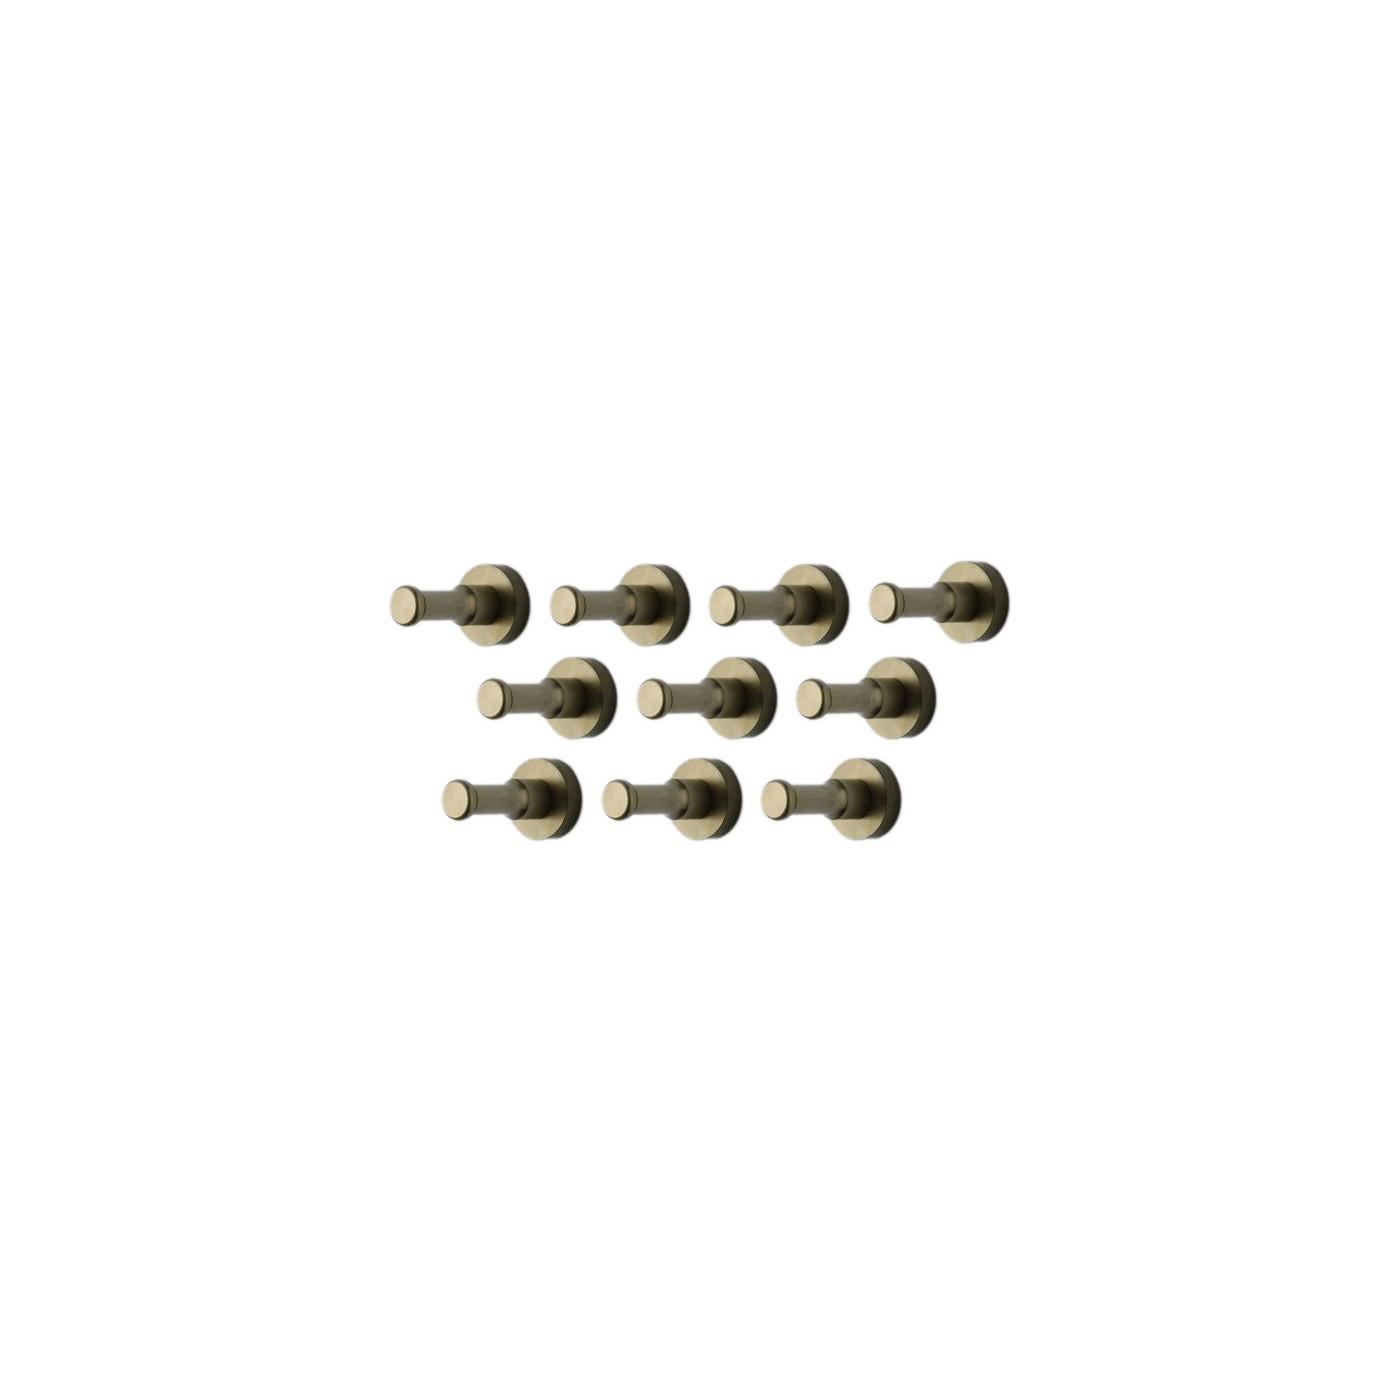 Tiro a Segno attivit/à allaperto/—Lega Zinco Ziyero 10 Pezzi Attacco Tattico per Portachiavi Moschettone Tattico da Appendere Gancio di Olecrano per Alpinismo Nero Trekking Campeggio Caccia